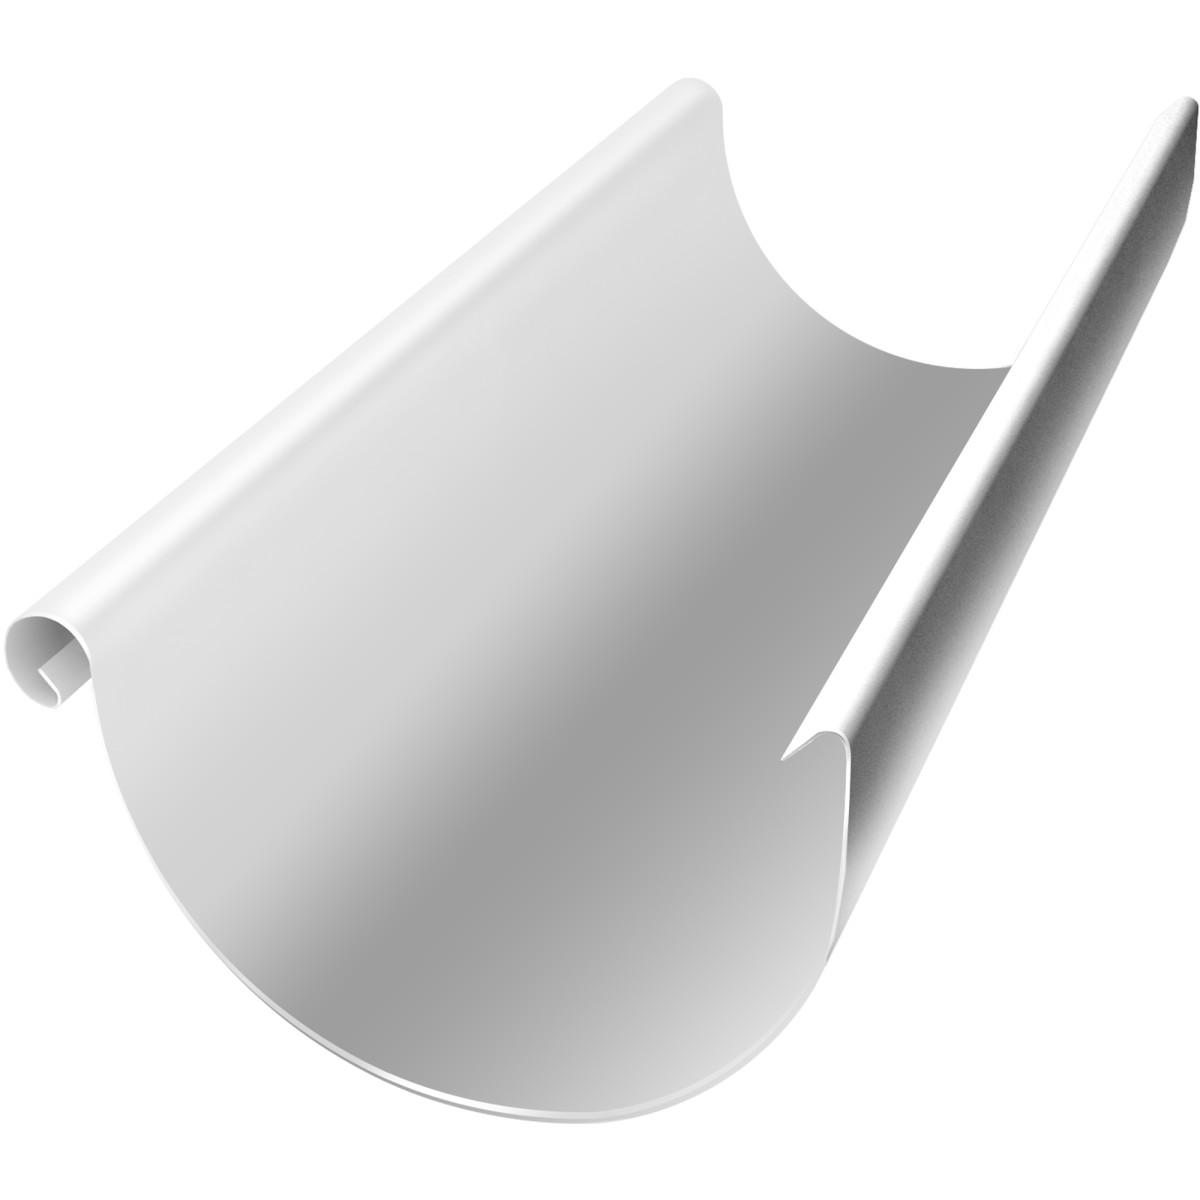 Желоб полукруглый 125 мм цвет сигнальный белый